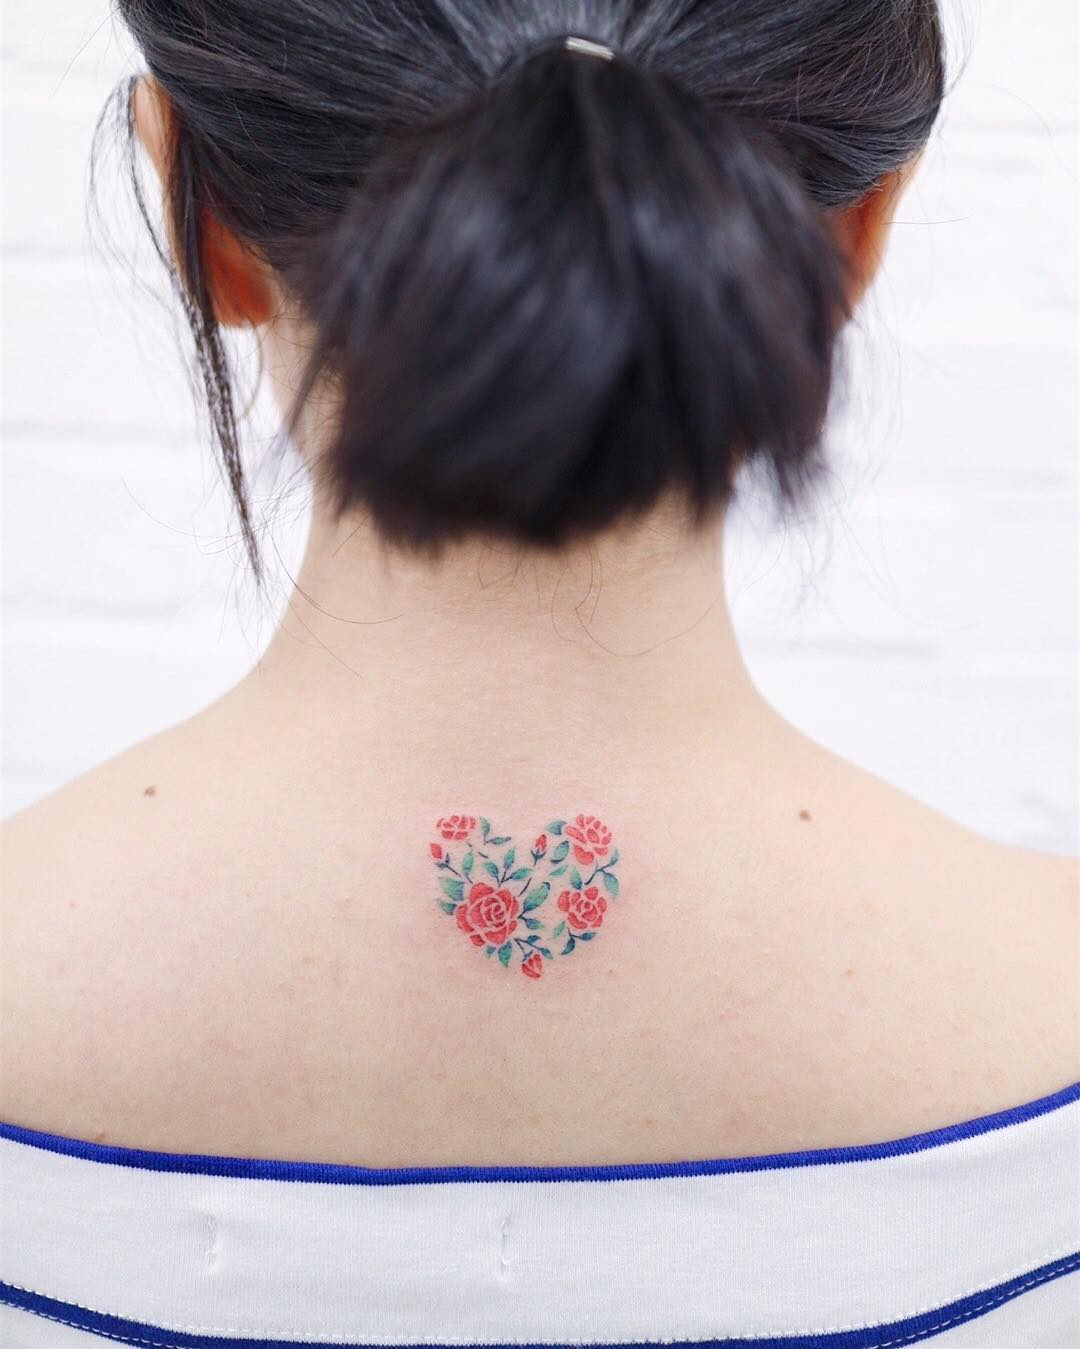 Heart rose by tattooist Nemo